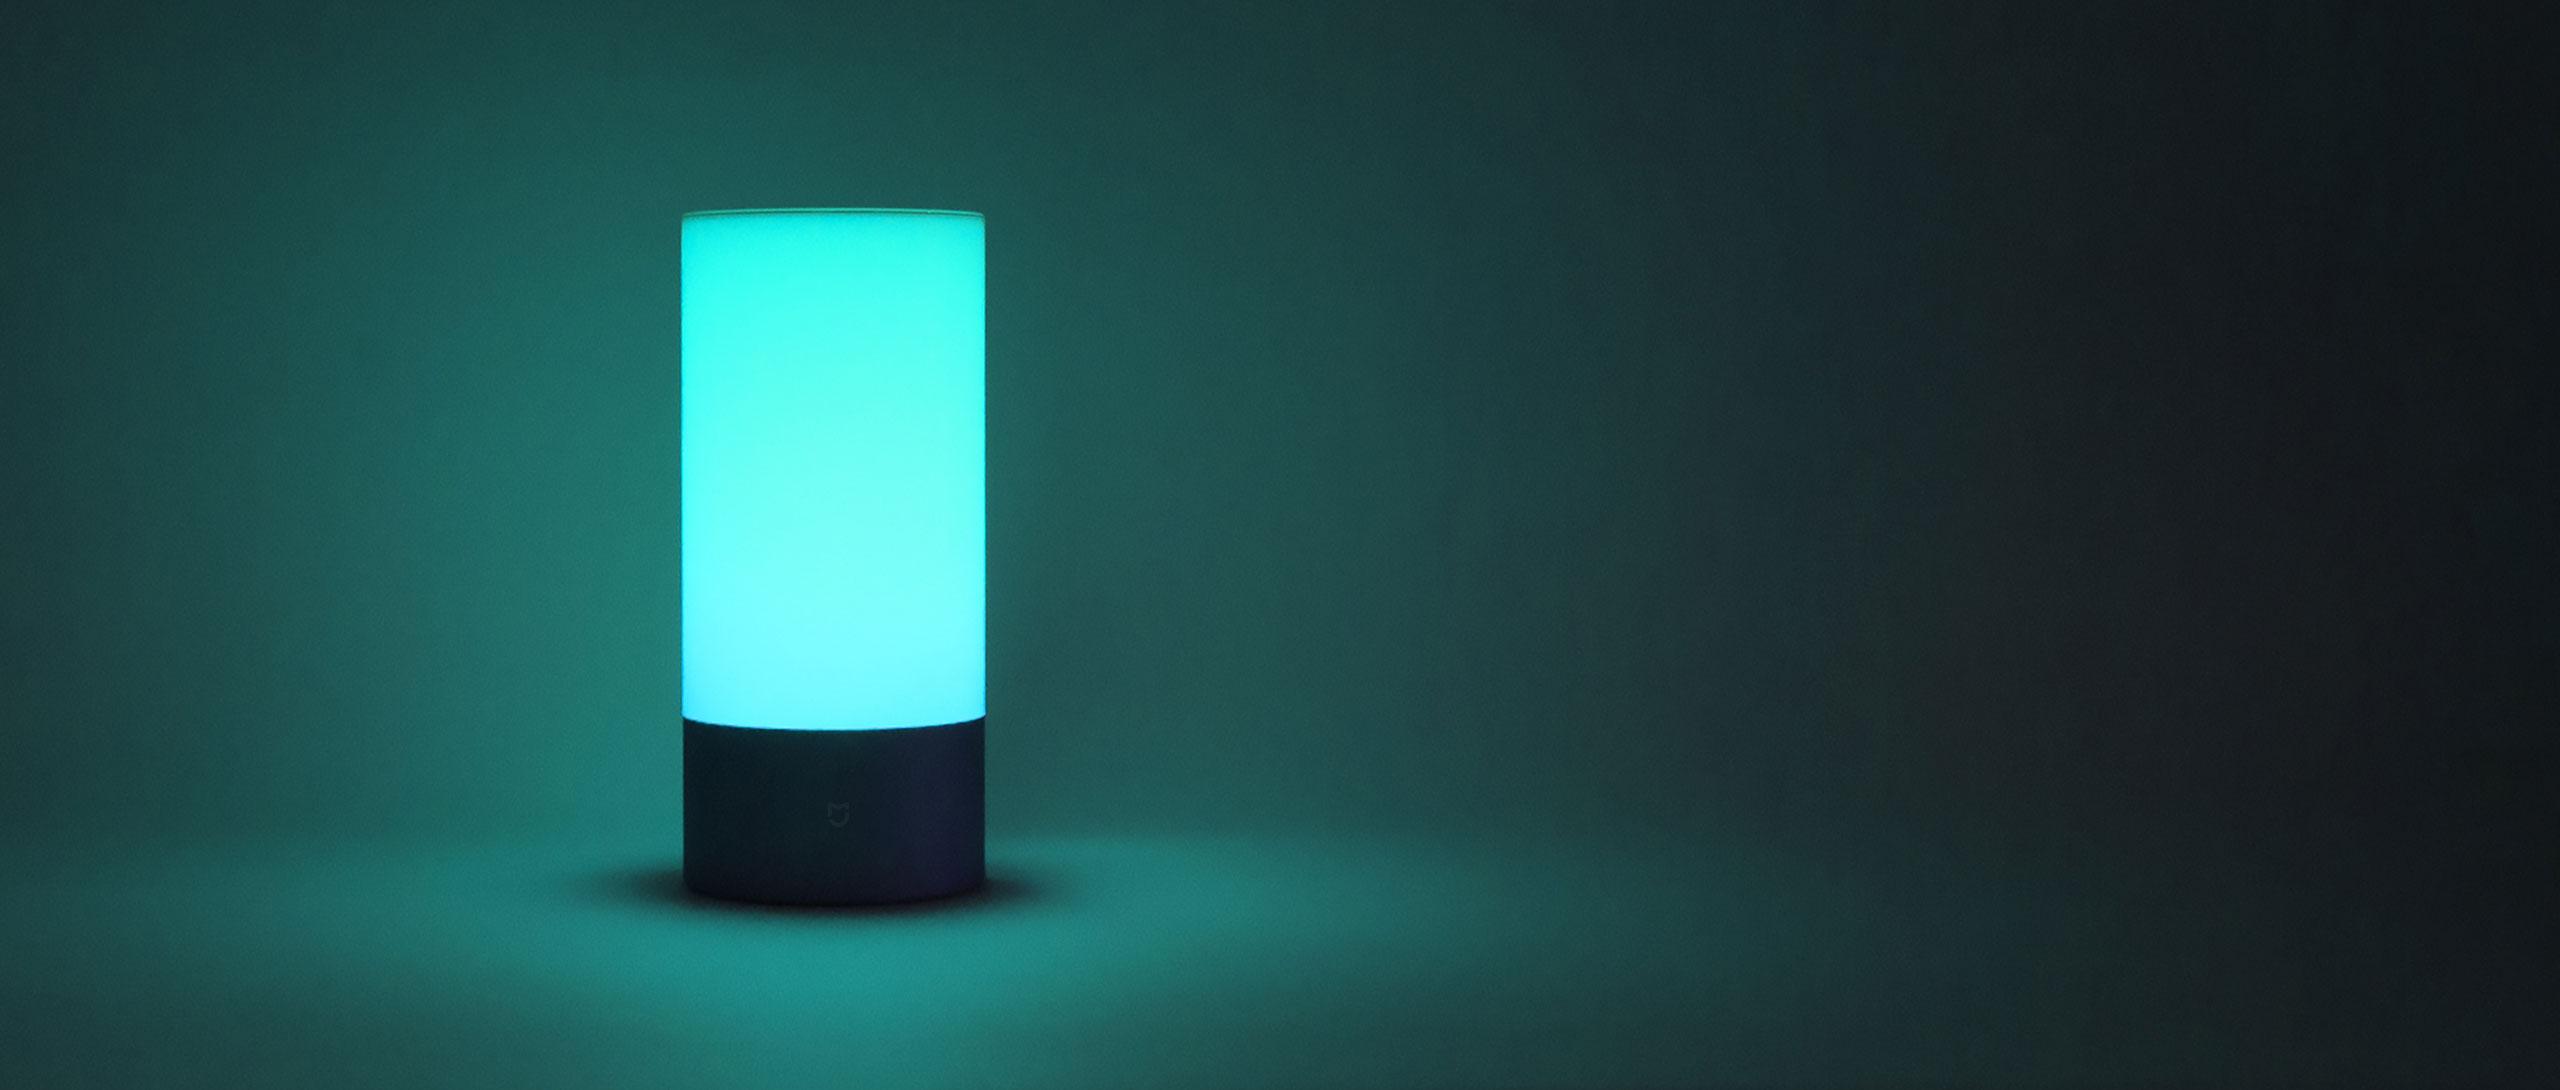 mj-bedsidelamp-02-06.jpg